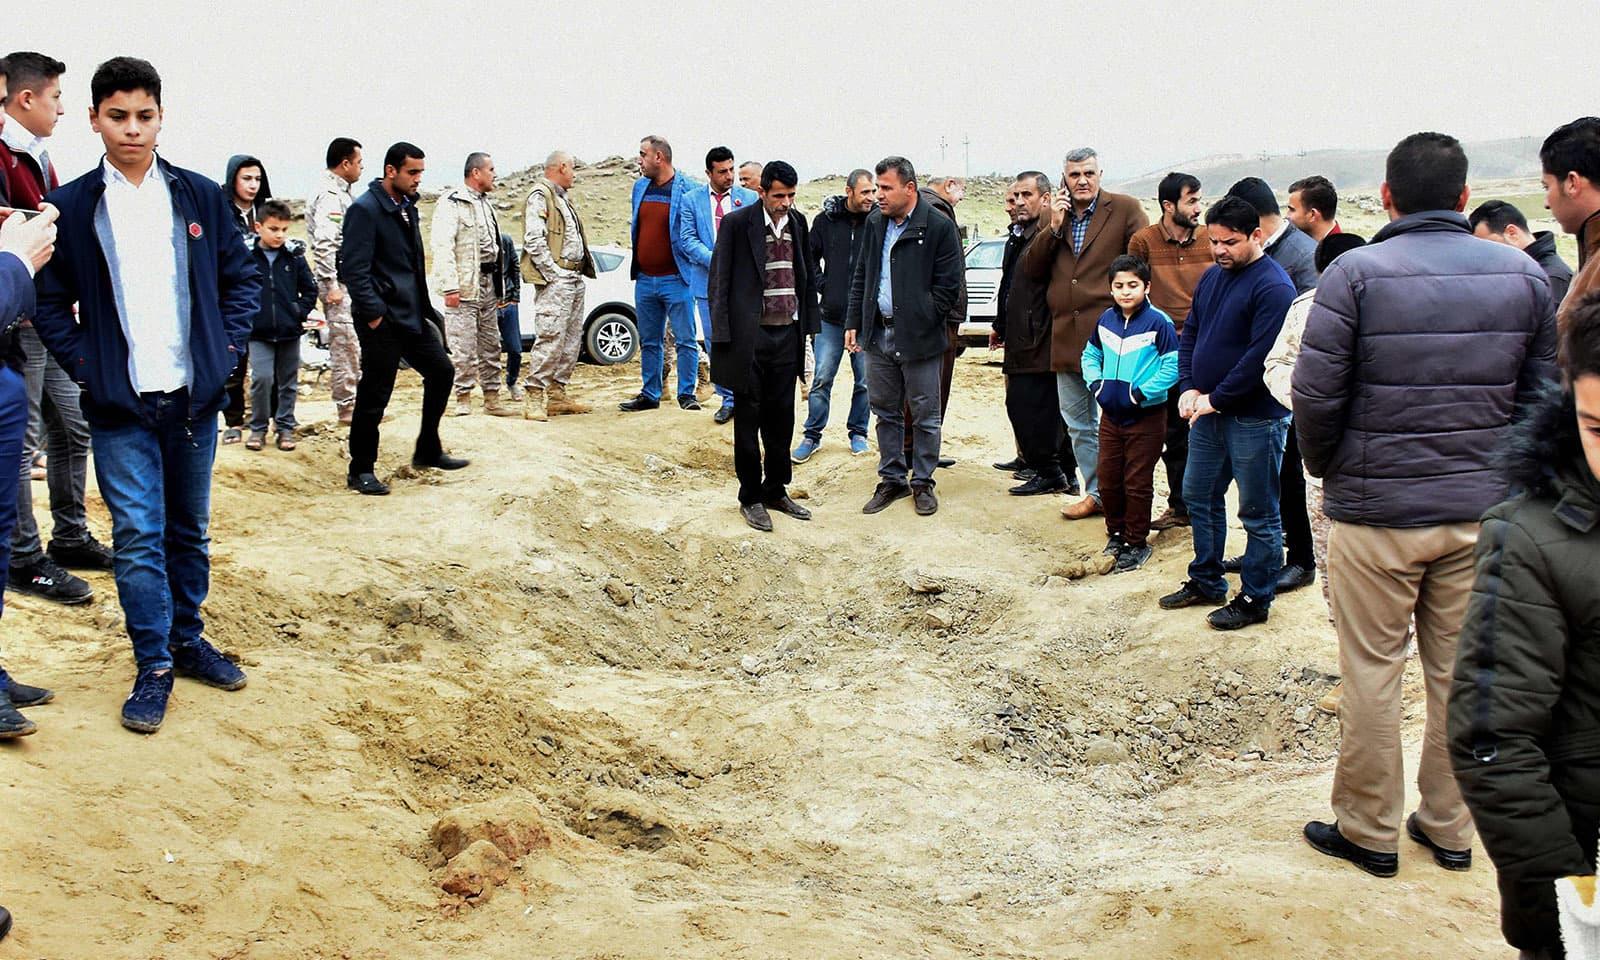 بغداد کے شہریوں نے بھی اس جگہ رخ کیا جہاں میزائل گرے—فوٹو: اے ایف پی